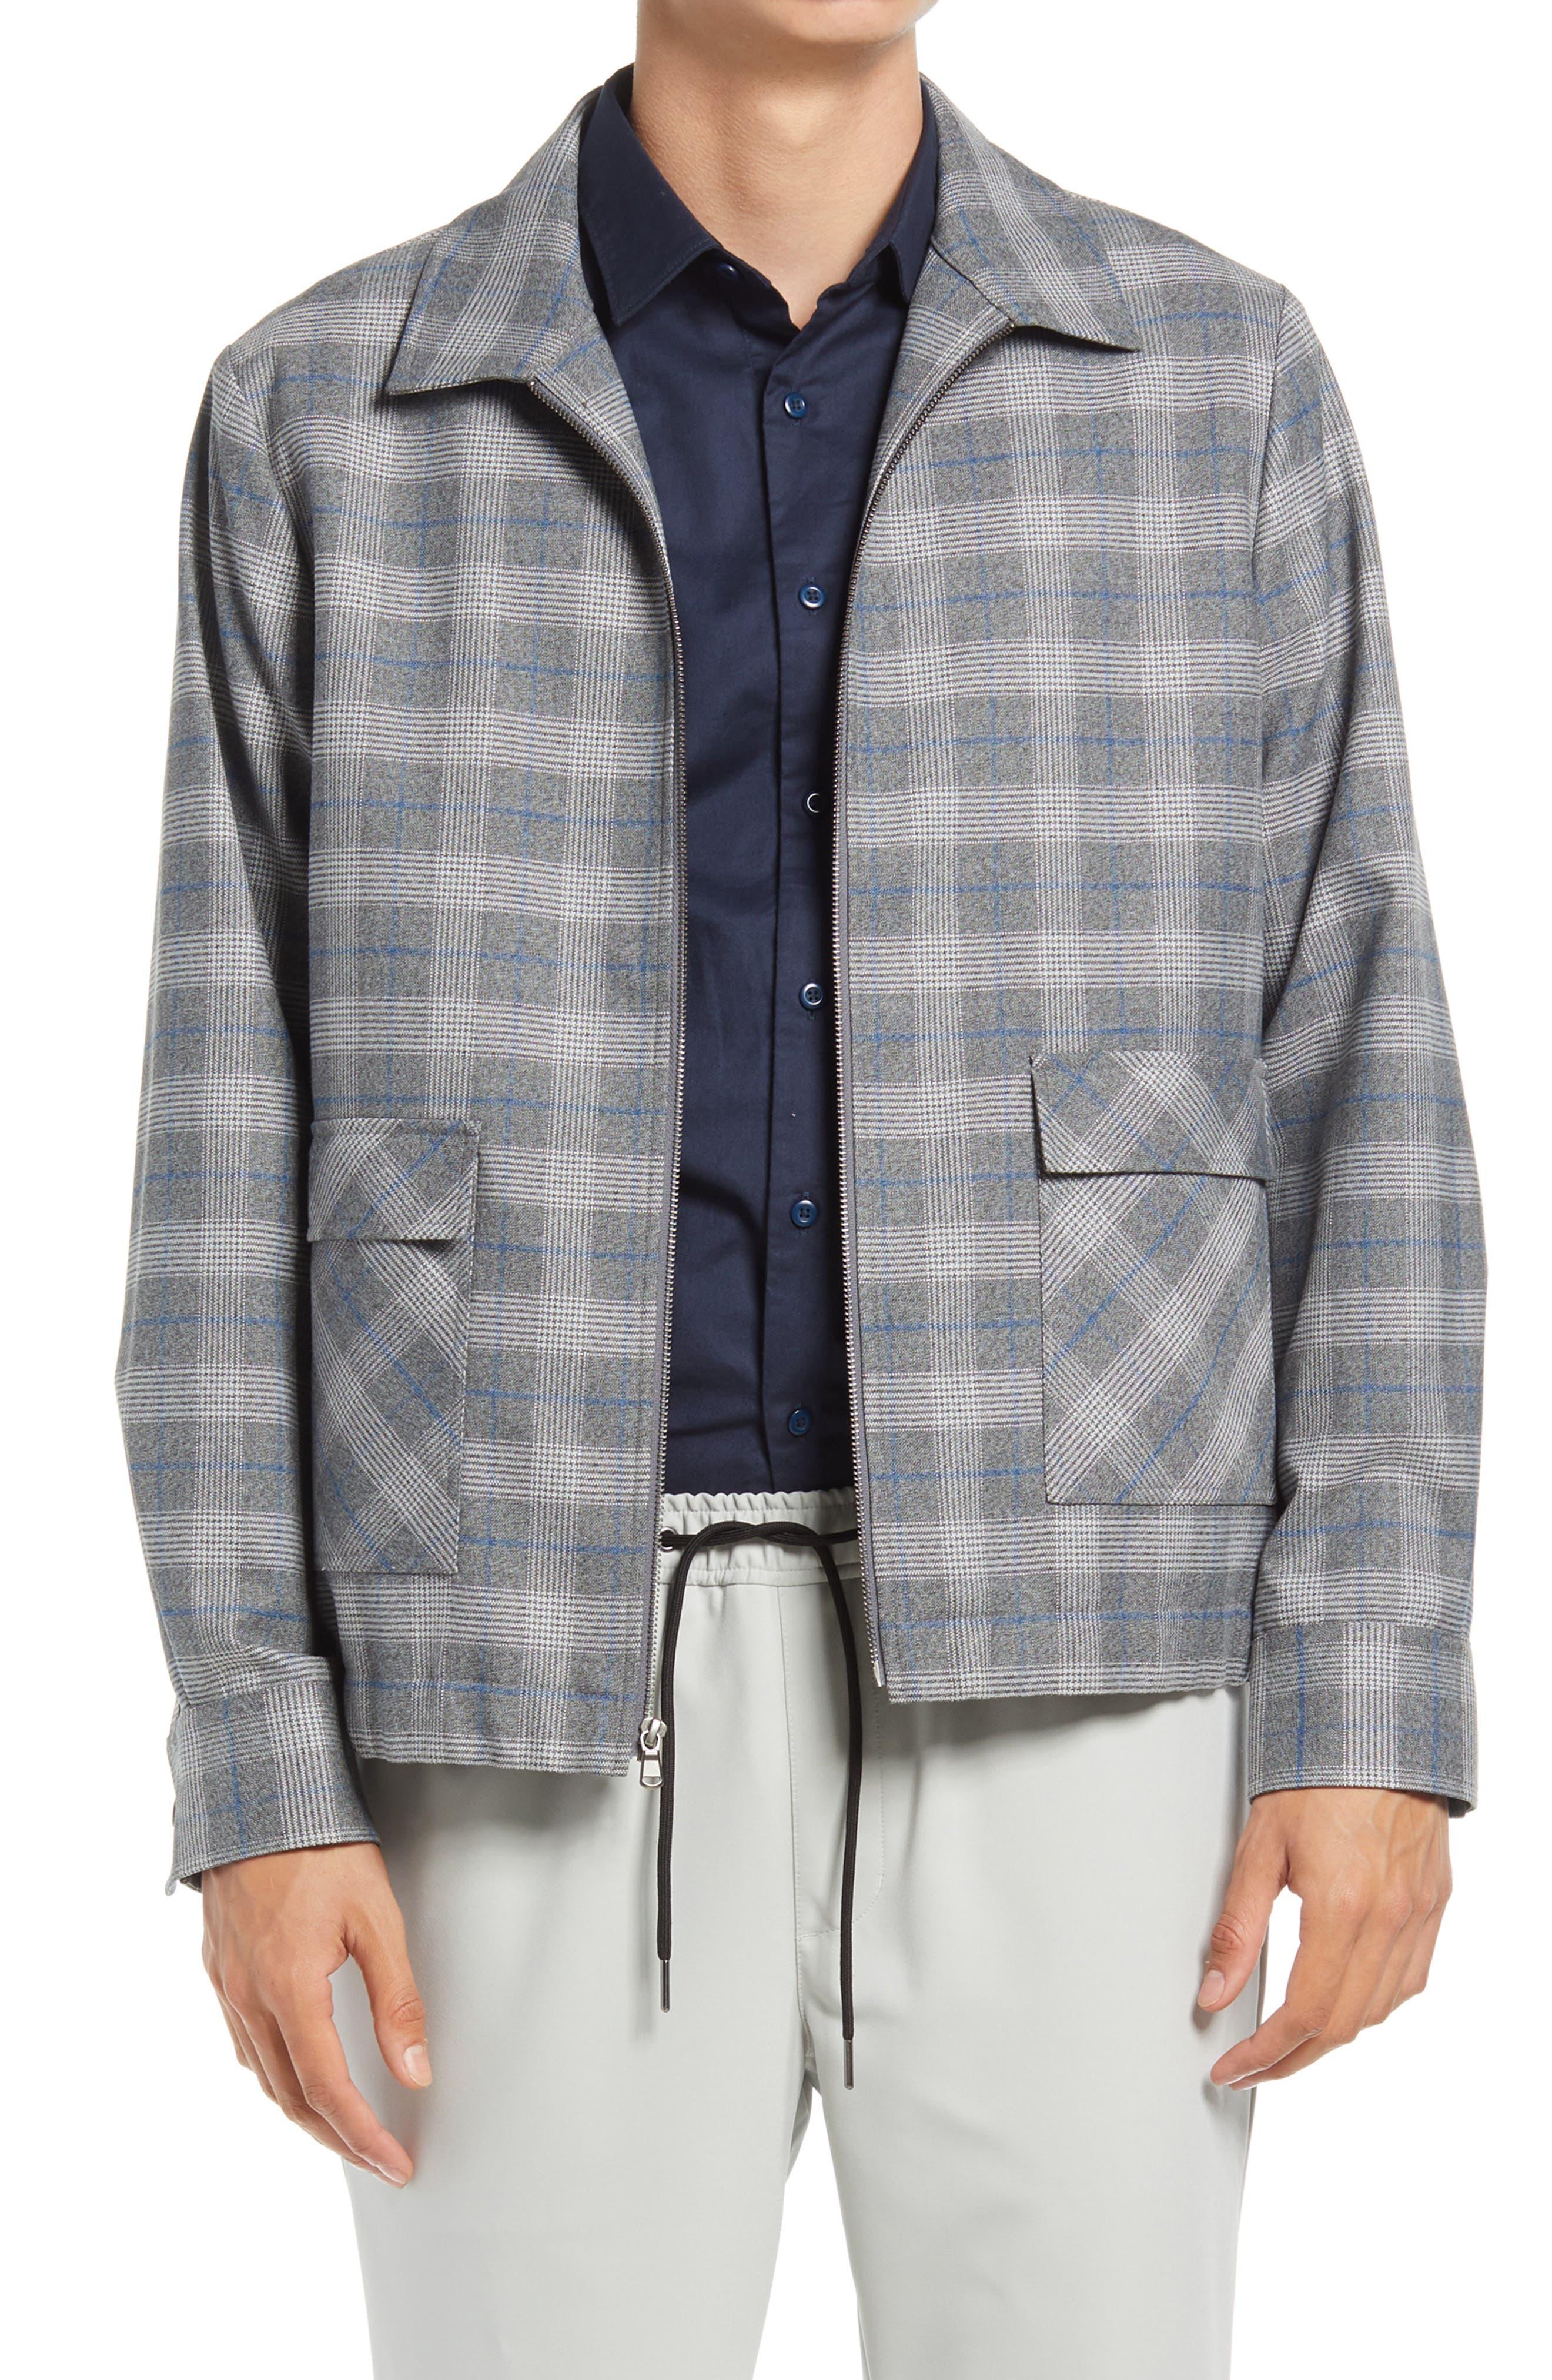 50s Men's Jackets | Greaser Jackets, Leather, Bomber, Gabardine Mens Open Edit Collar Bomber Jacket Size XX-Large - Blue $59.40 AT vintagedancer.com